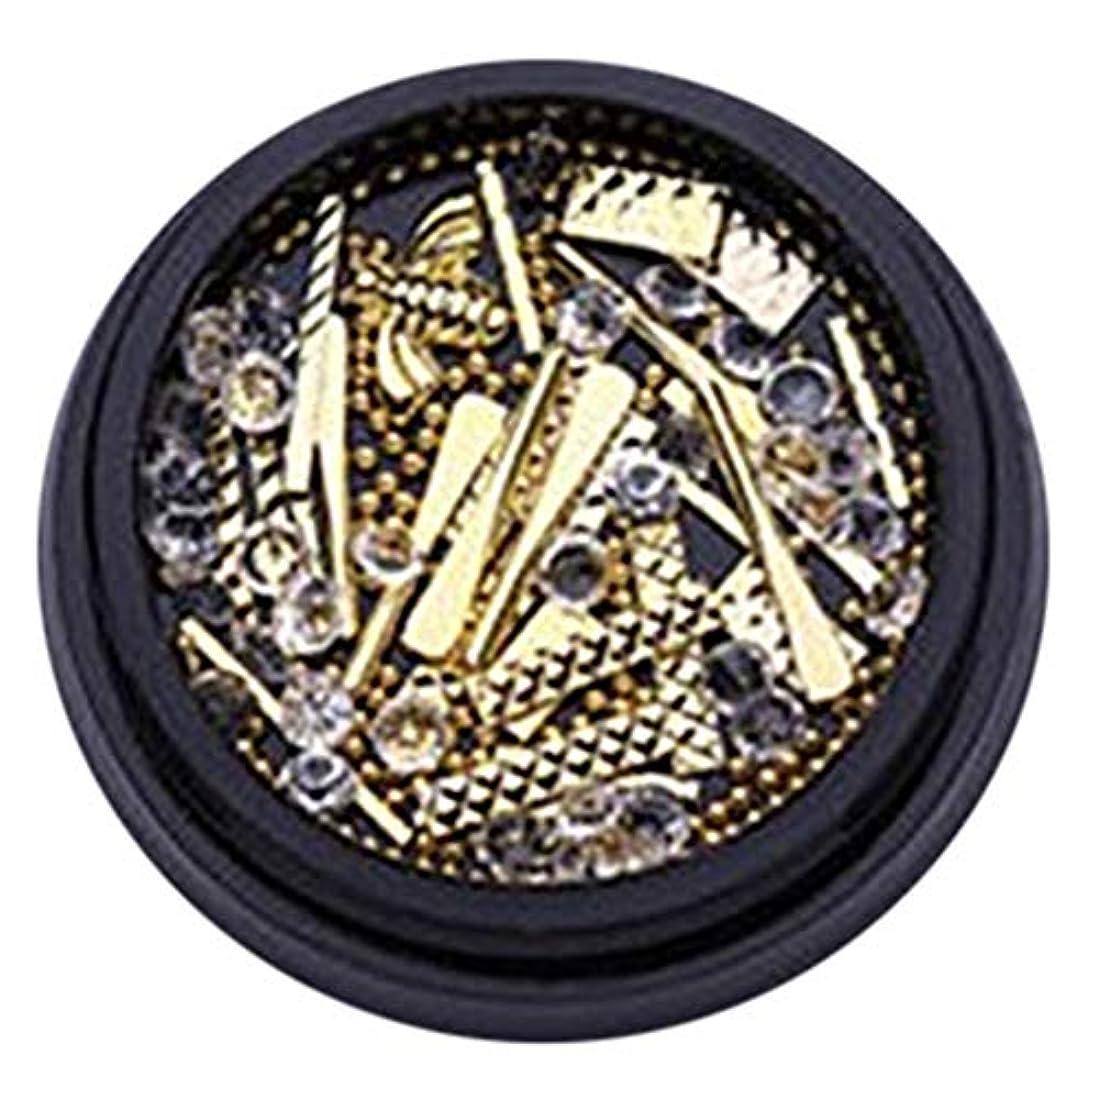 hamulekfae-和風可愛い人気ブラクケア金属バー長方形リベットネイルアート宝石ラインストーンデコレーションホイールDIYのヒント - ゴールデンGolden